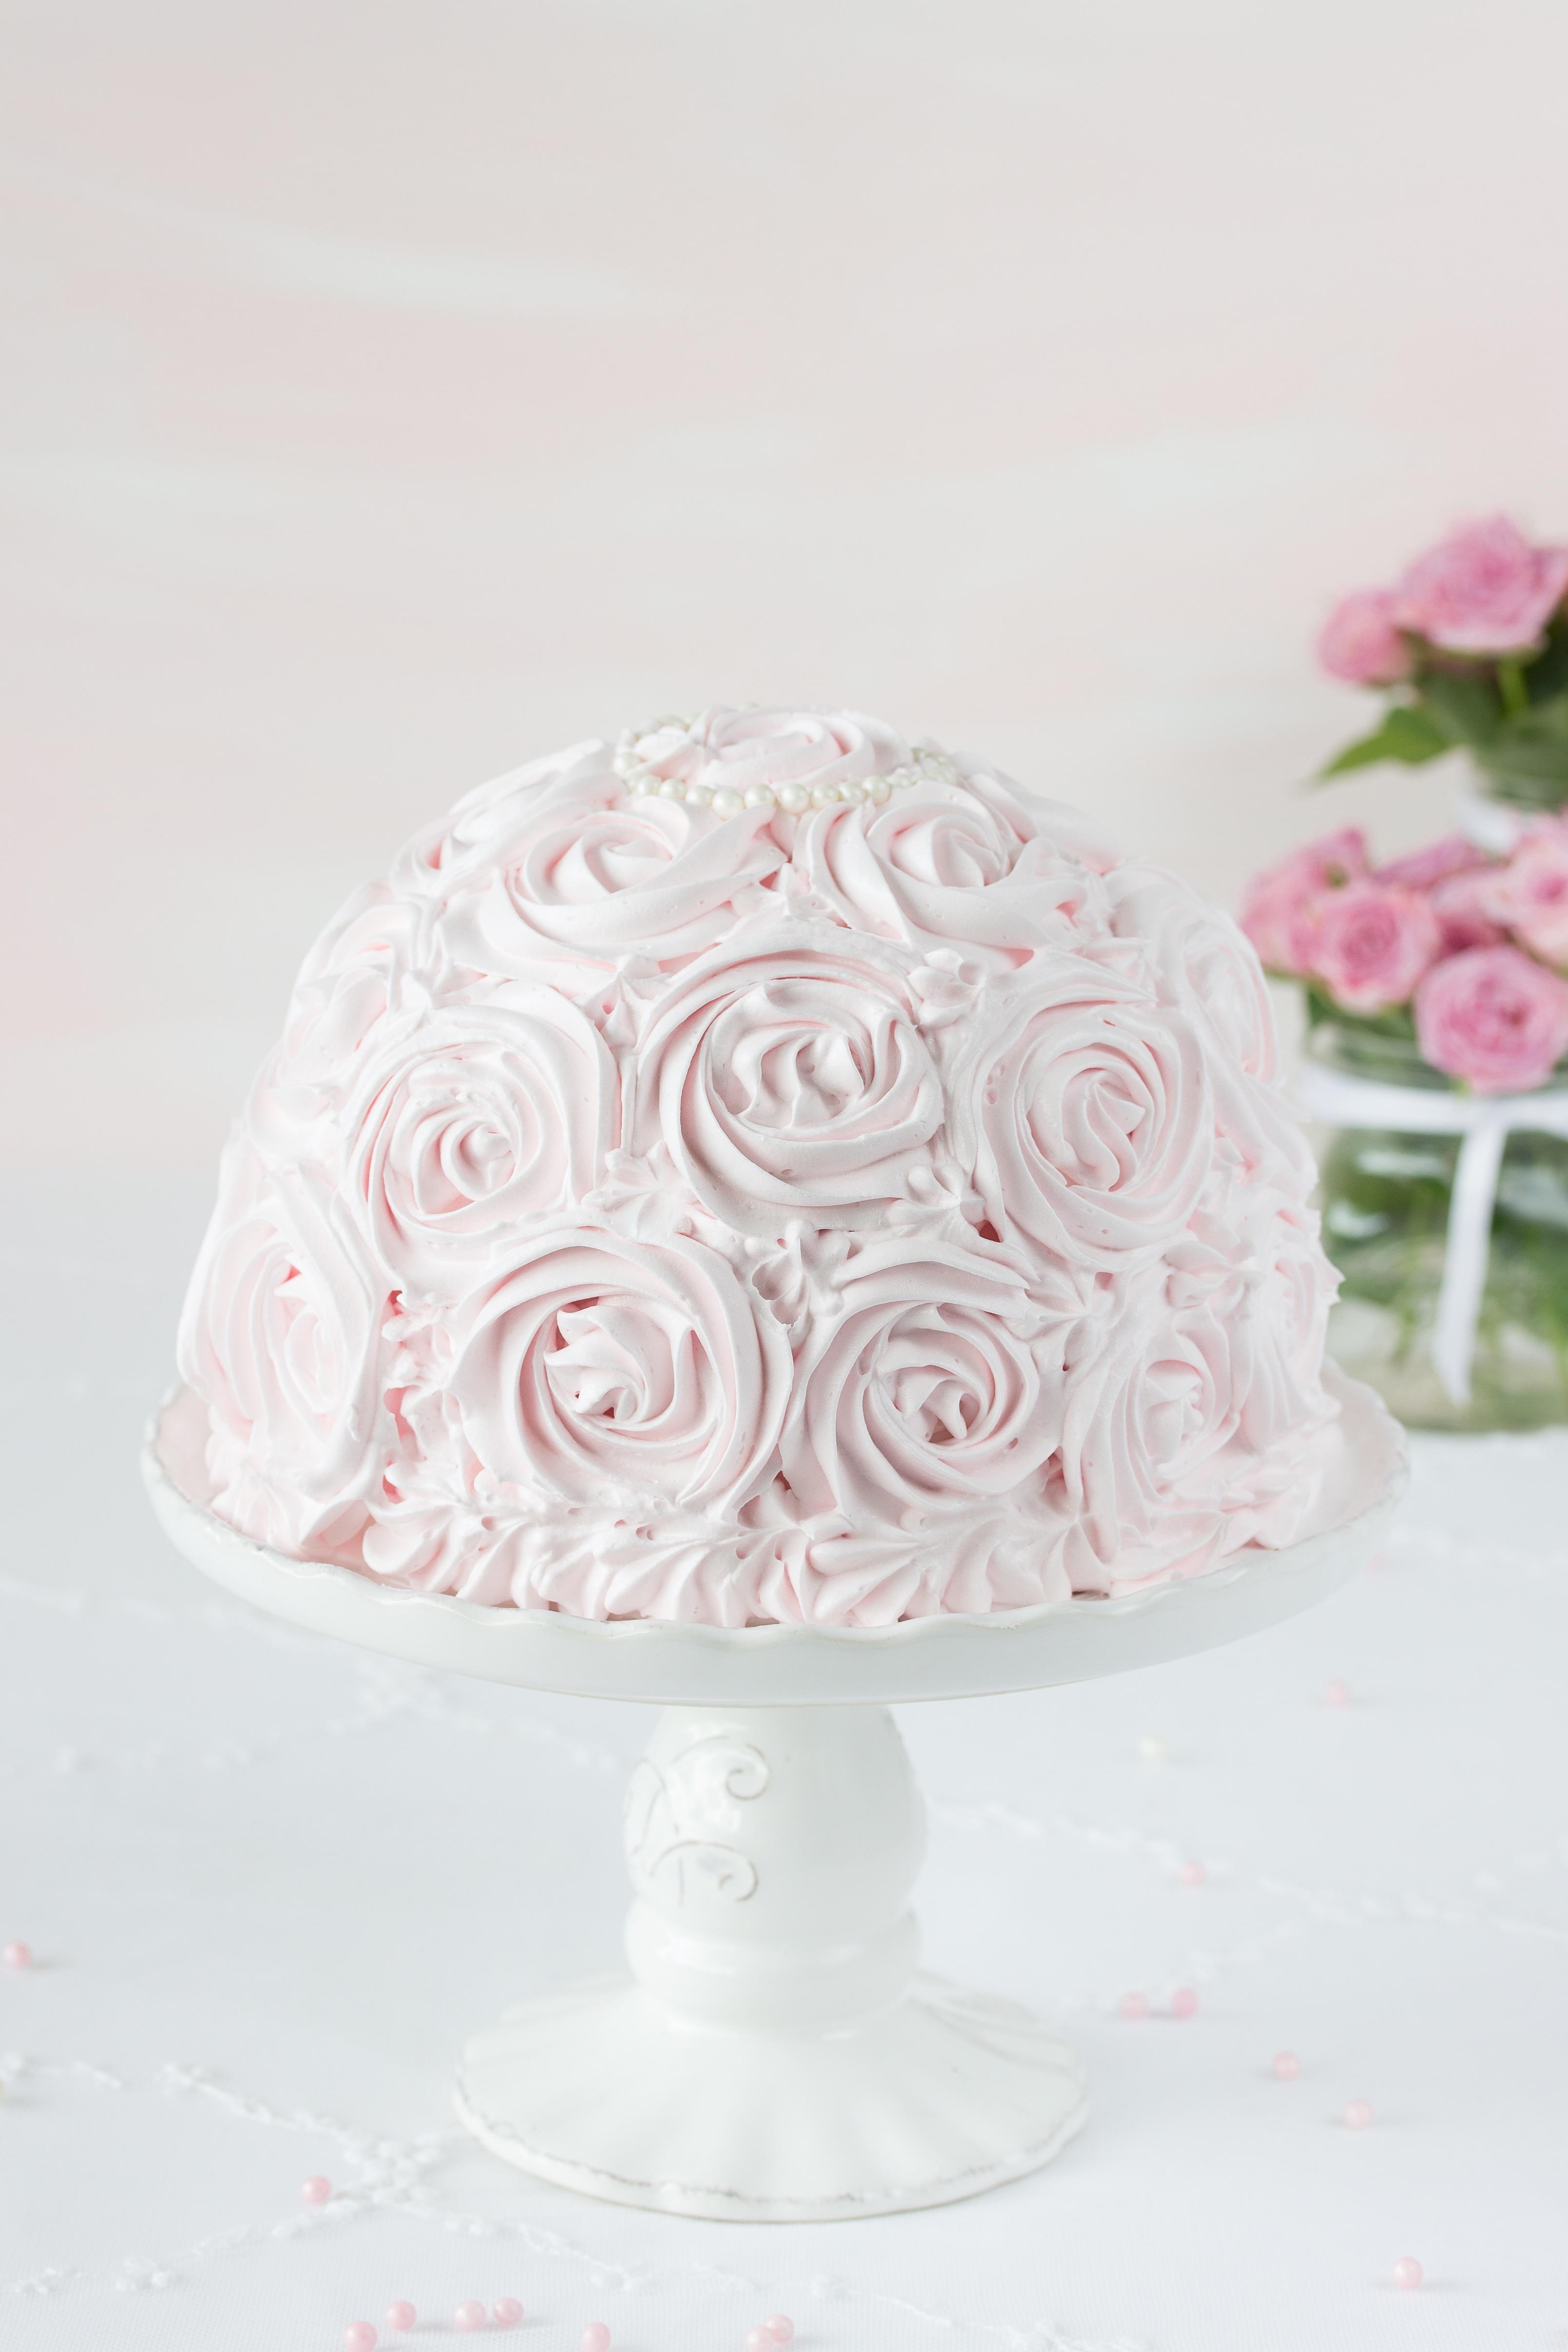 Kuppeltorte Rezept mit Rosen Deko Erdbeeren Rhabarber backen #cake #torte #piping | Emma´s Lieblingsstücke